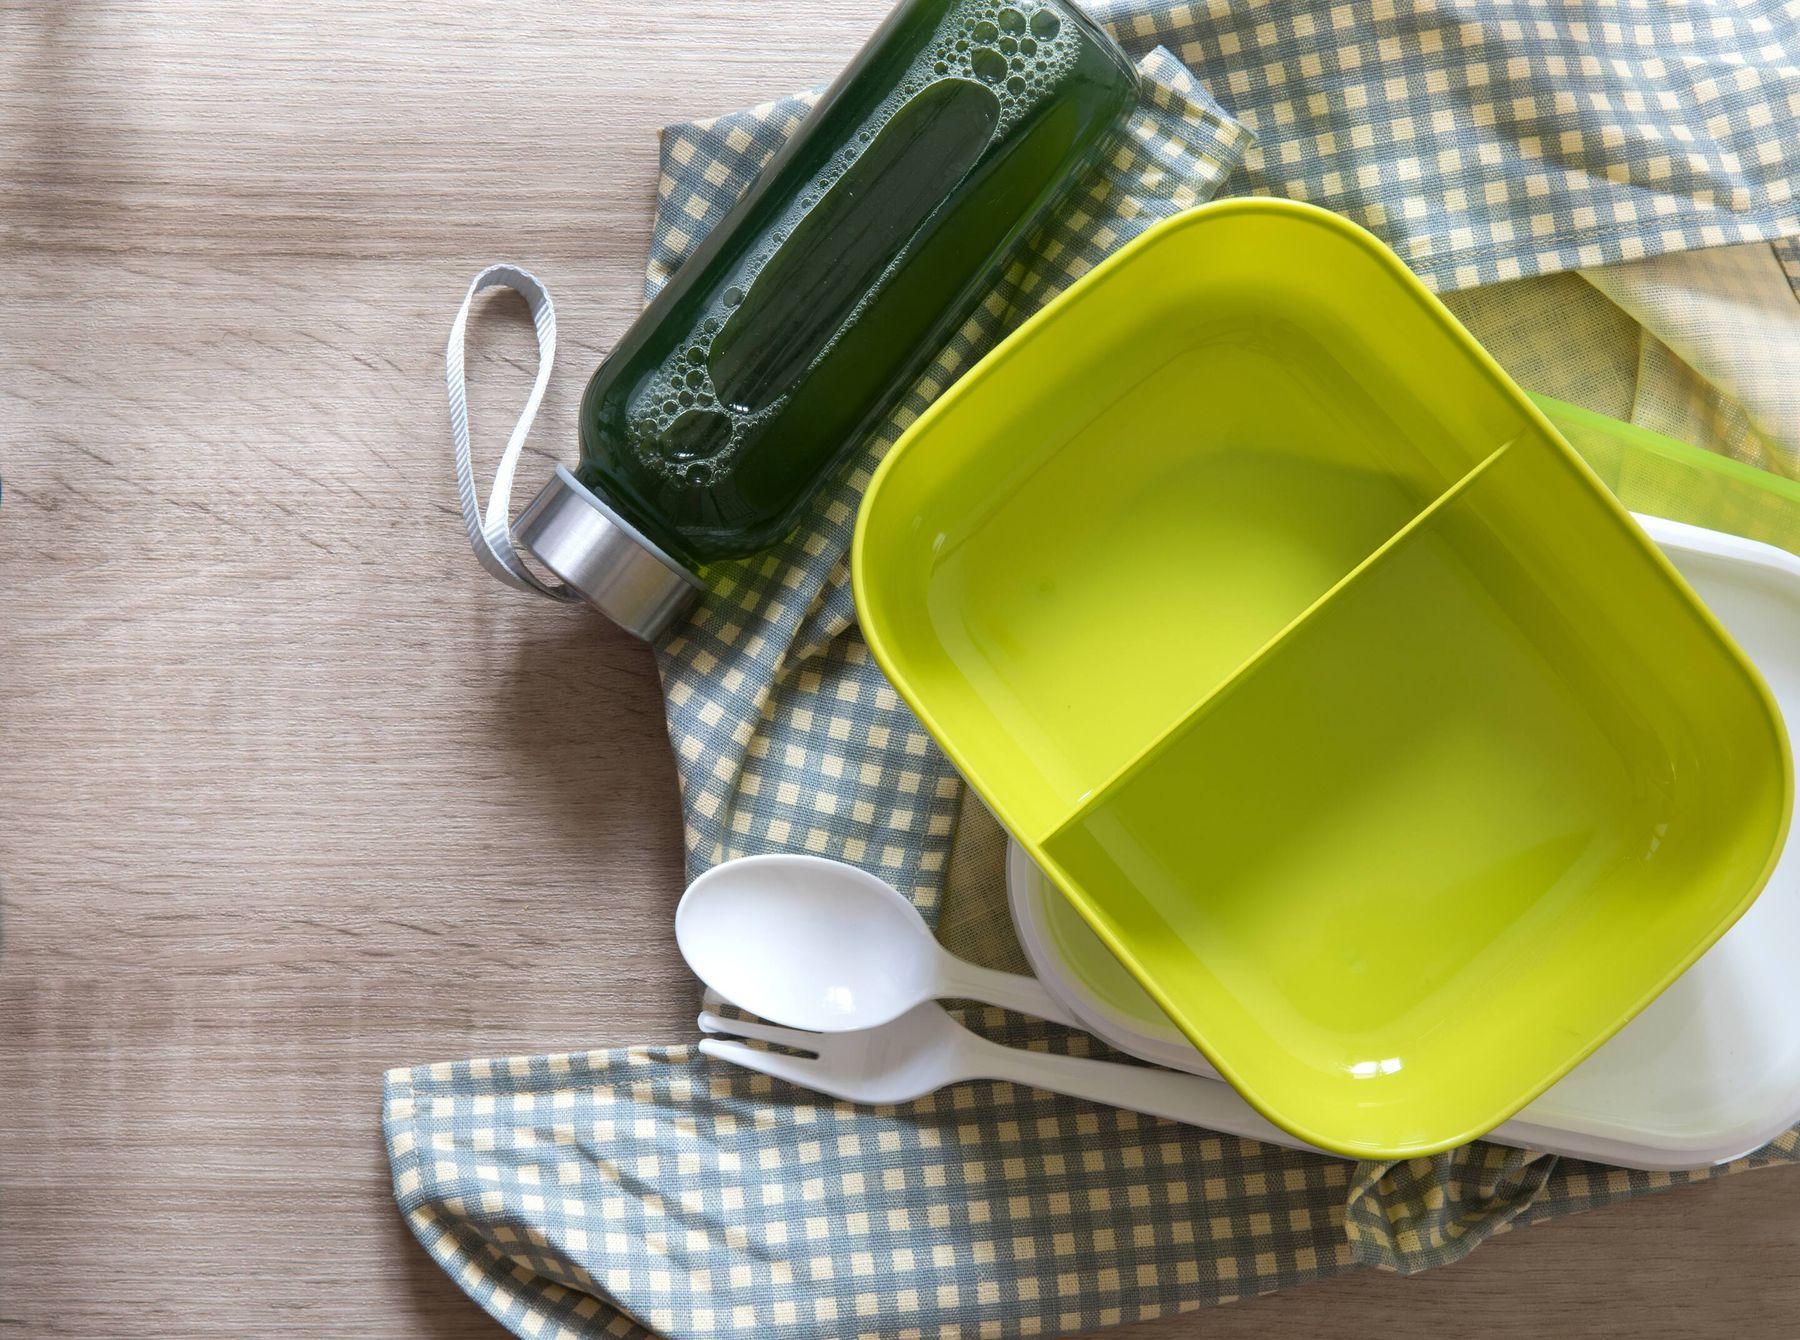 muỗng đũa nĩa chén hộp đựng bằng nhựa cần được thay mới 3 tháng lần